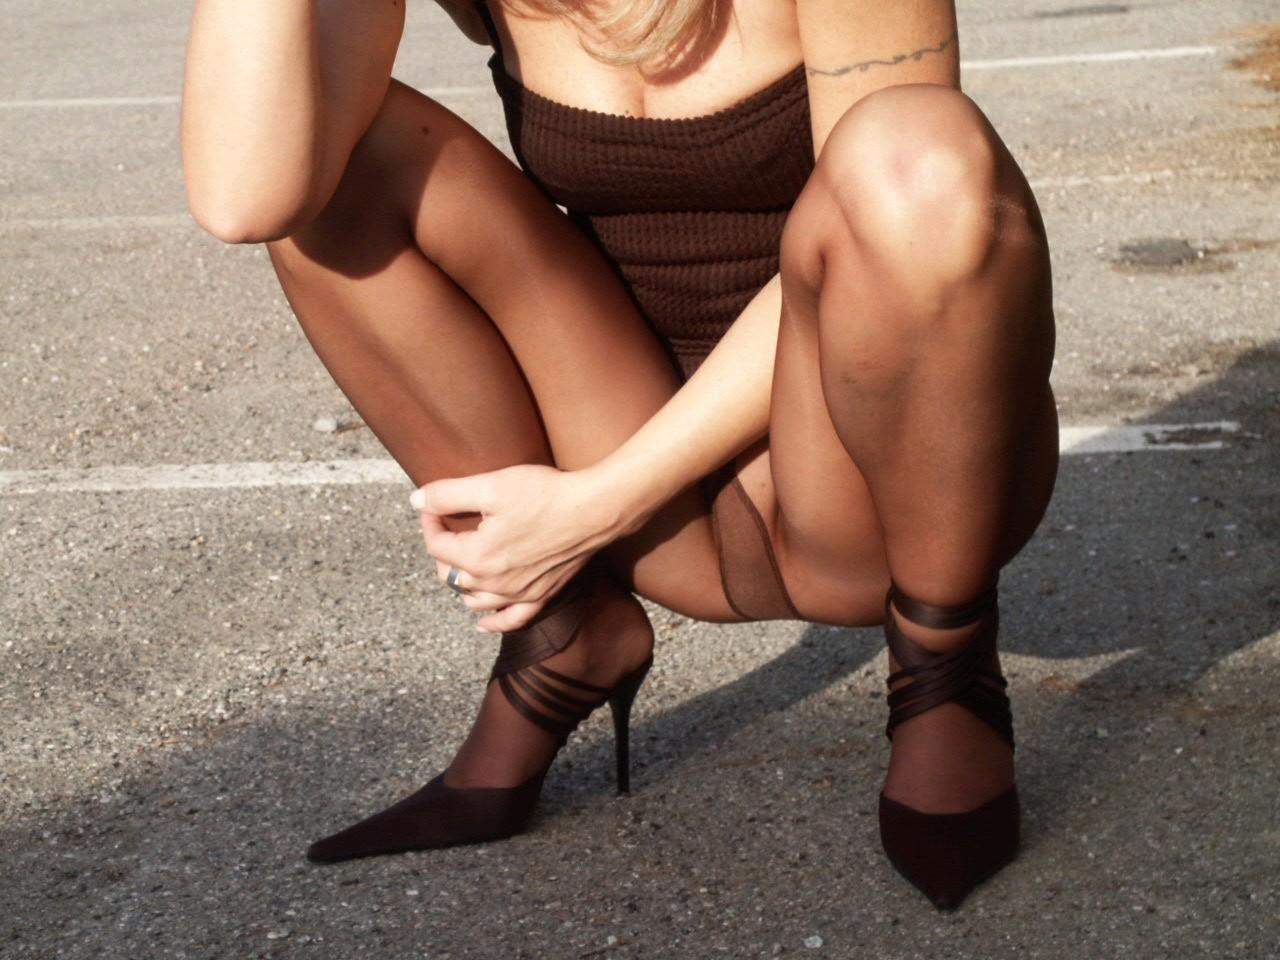 Итальянка часто гуляет в колготках без трусиков